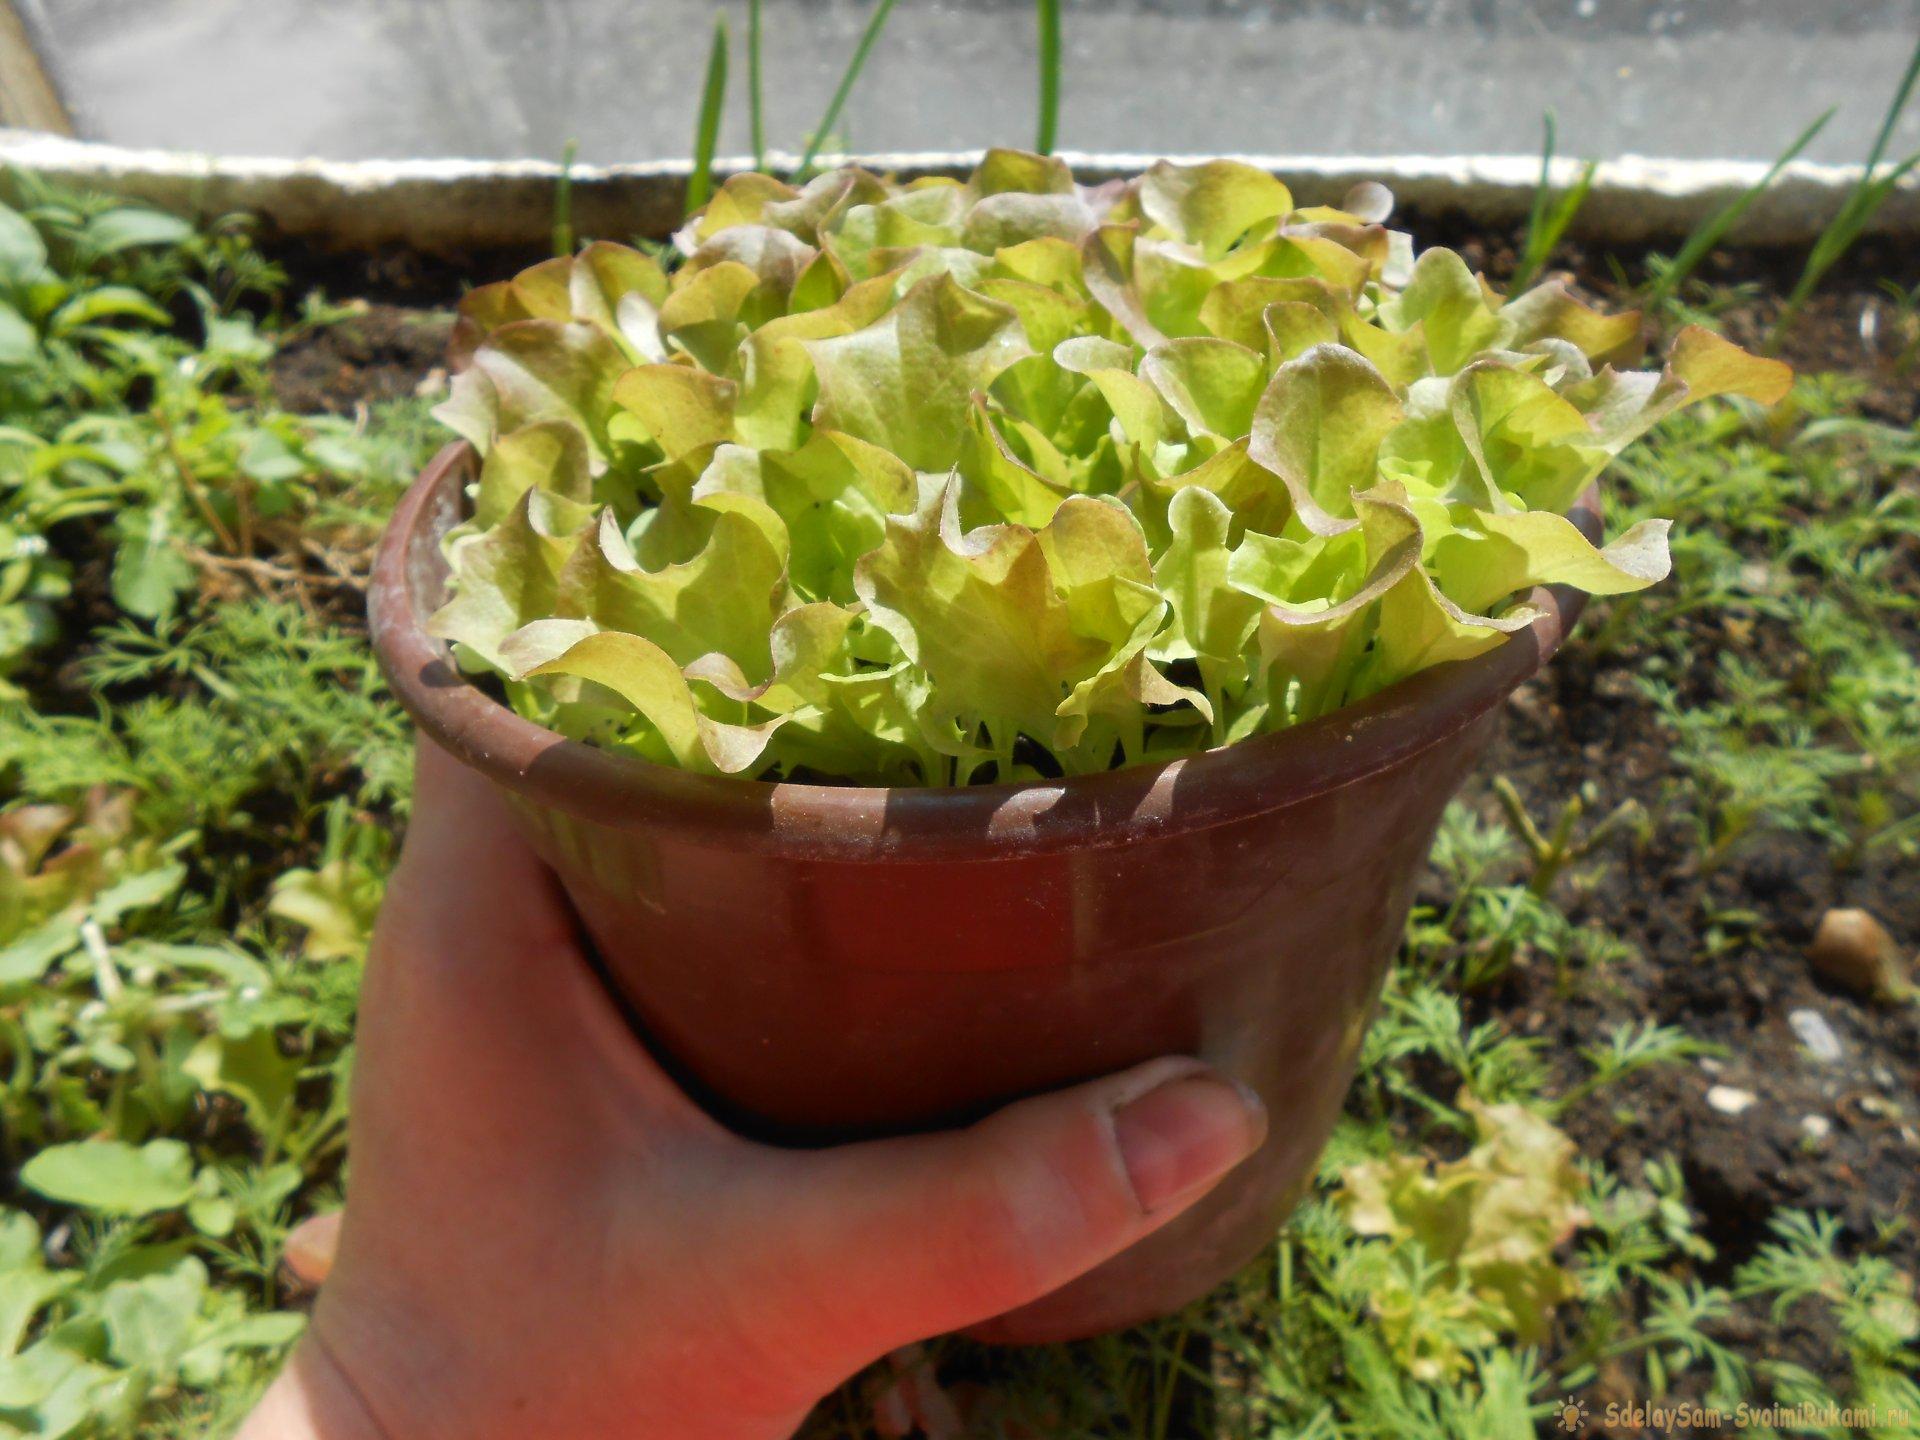 Выращивание листового салата в домашних условиях. Полный отчет от выбора семян до результата